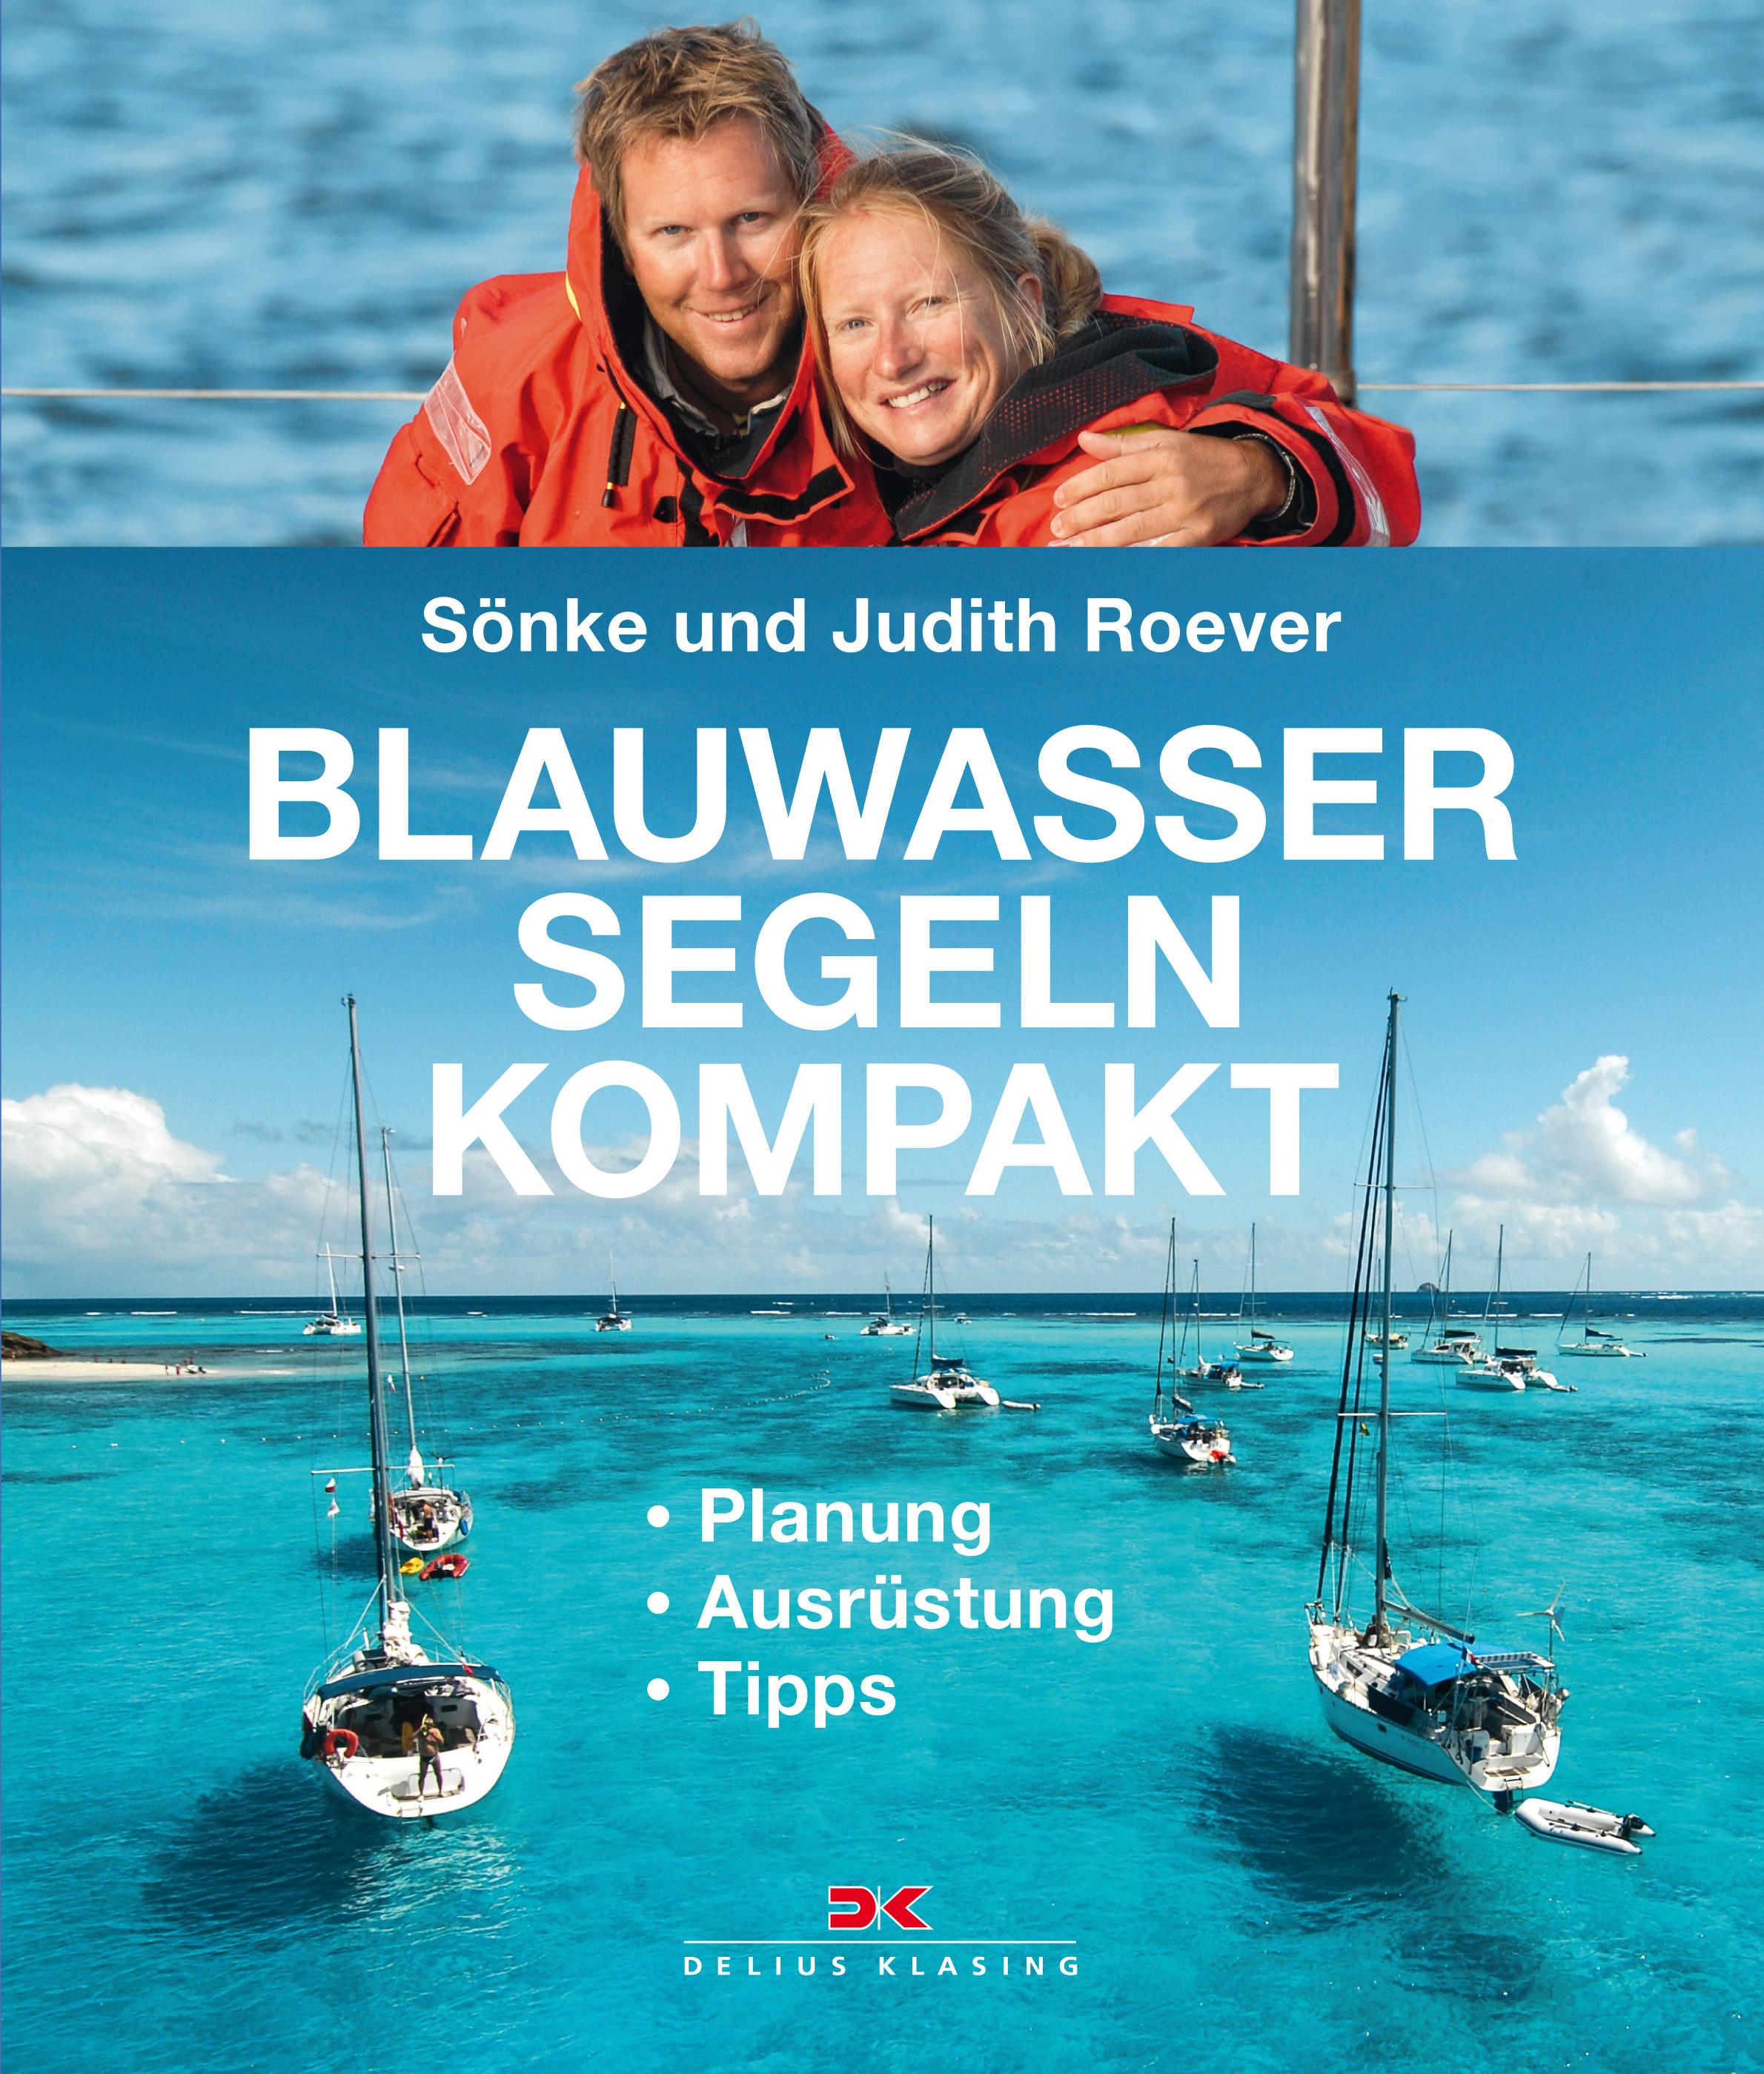 Blauwassersegeln kompakt, Judith und Sönke Roever